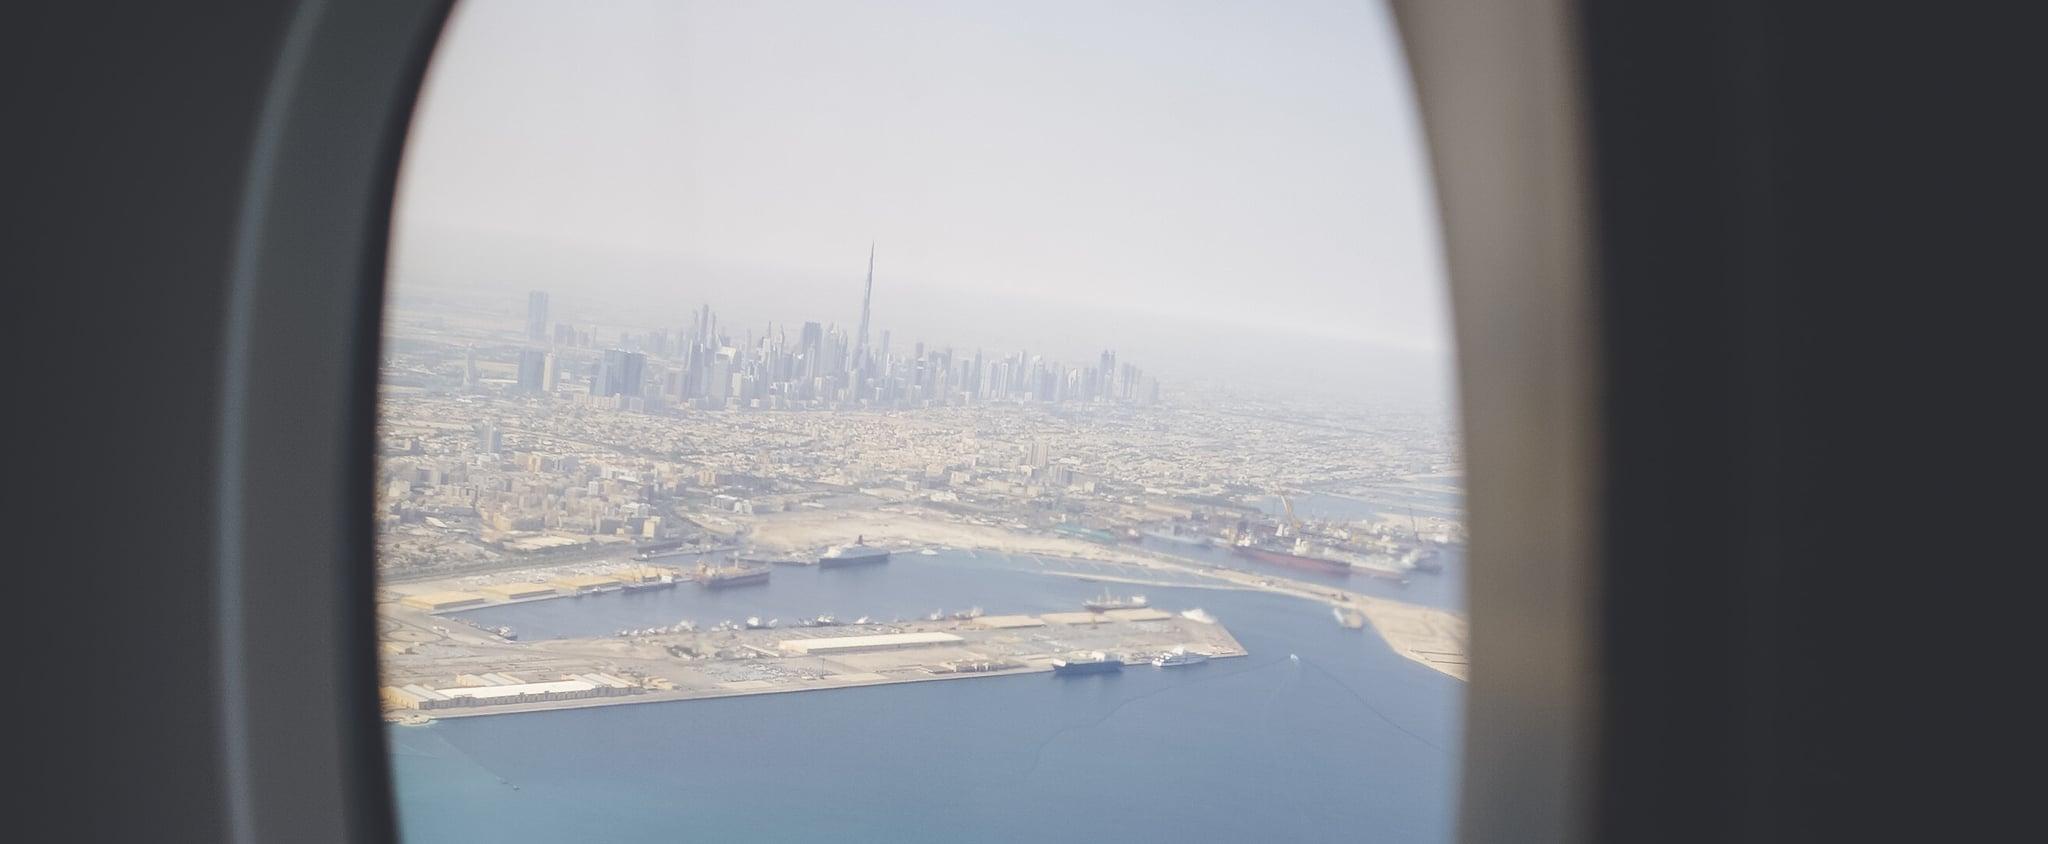 الإمارات تسمح لزوارها بتجديد تأشيرتهم دون مغادرة الدولة 2020